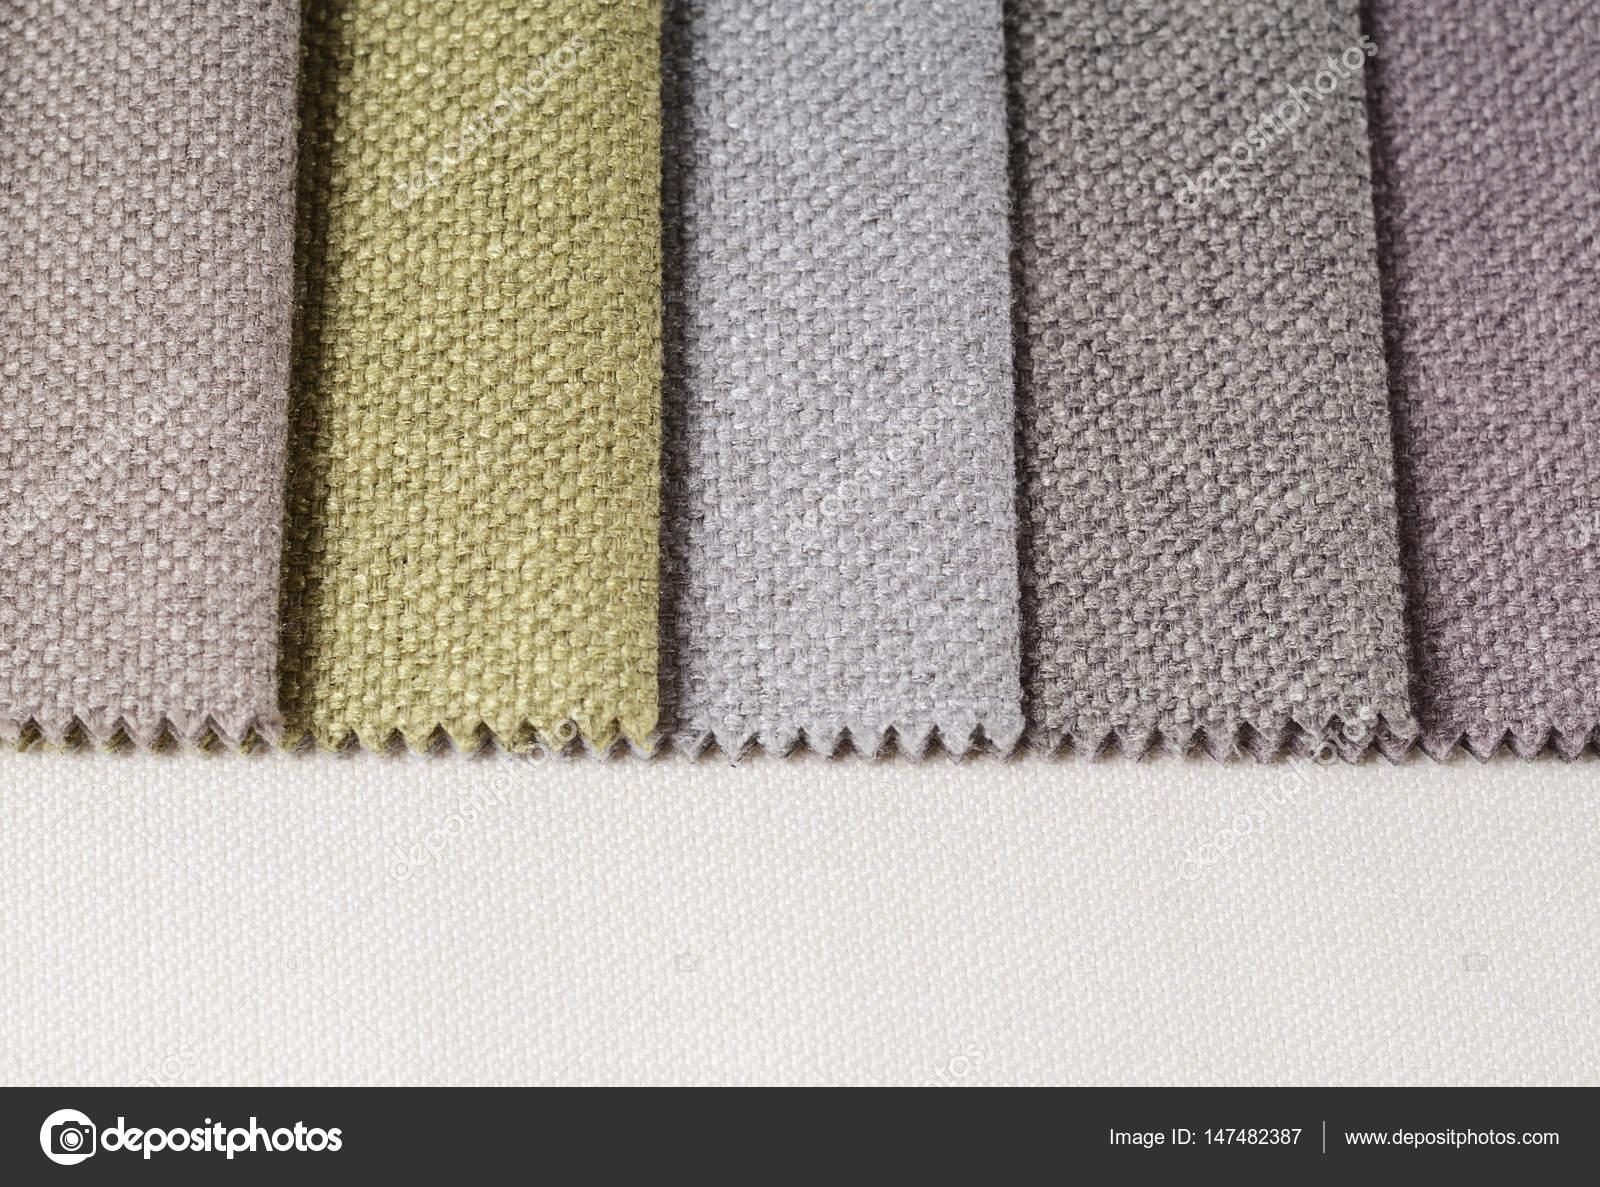 dff6a71e1 Brillante colección de muestras textiles de yute. Fondo de textura de tela  multicolor — Foto de ...